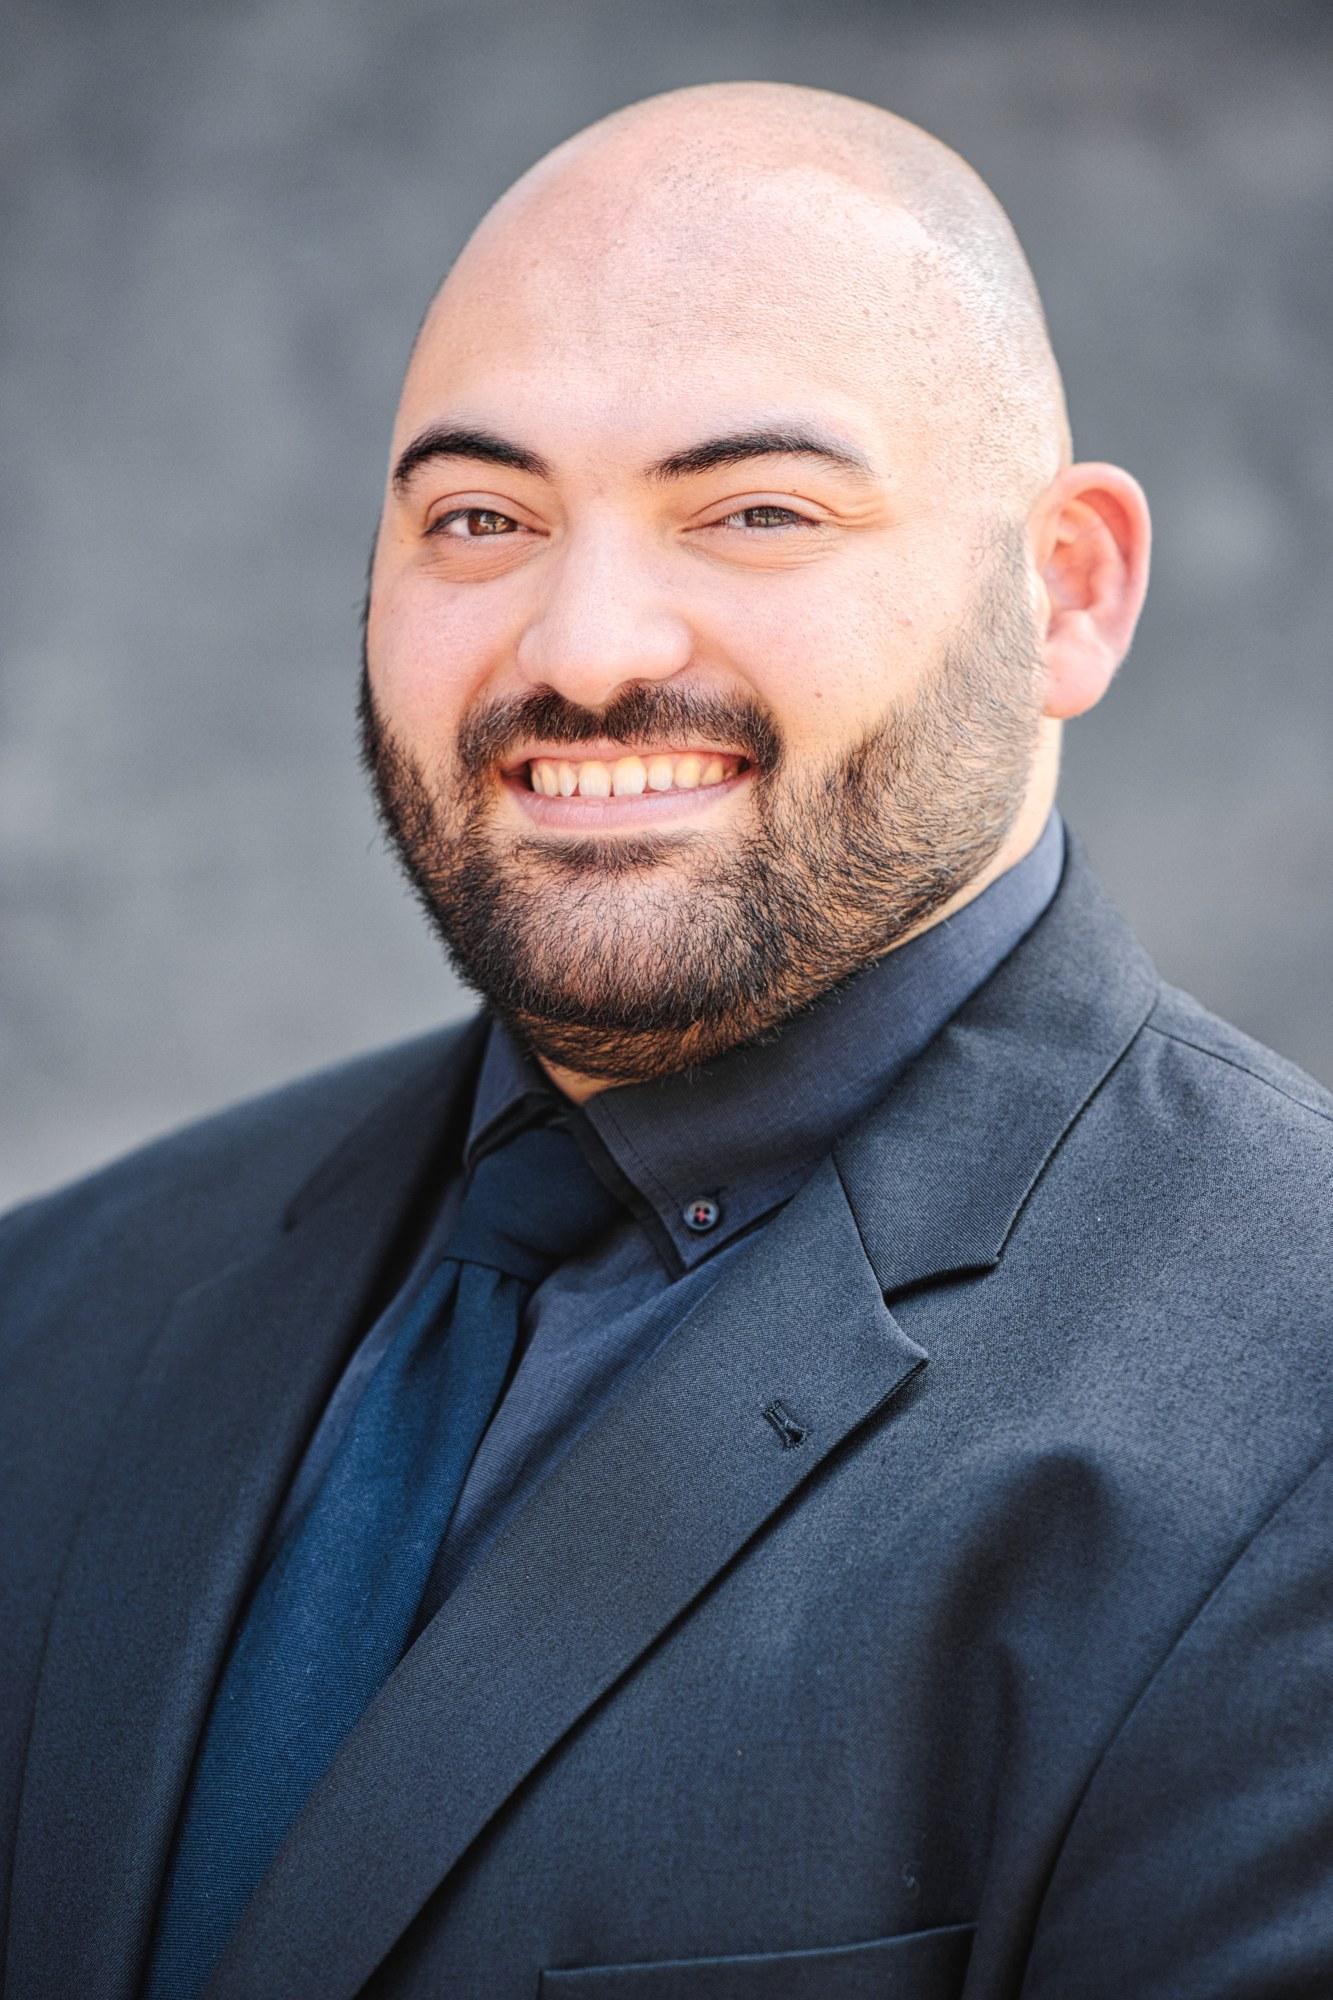 Xosue Jorge Miguez Garcia